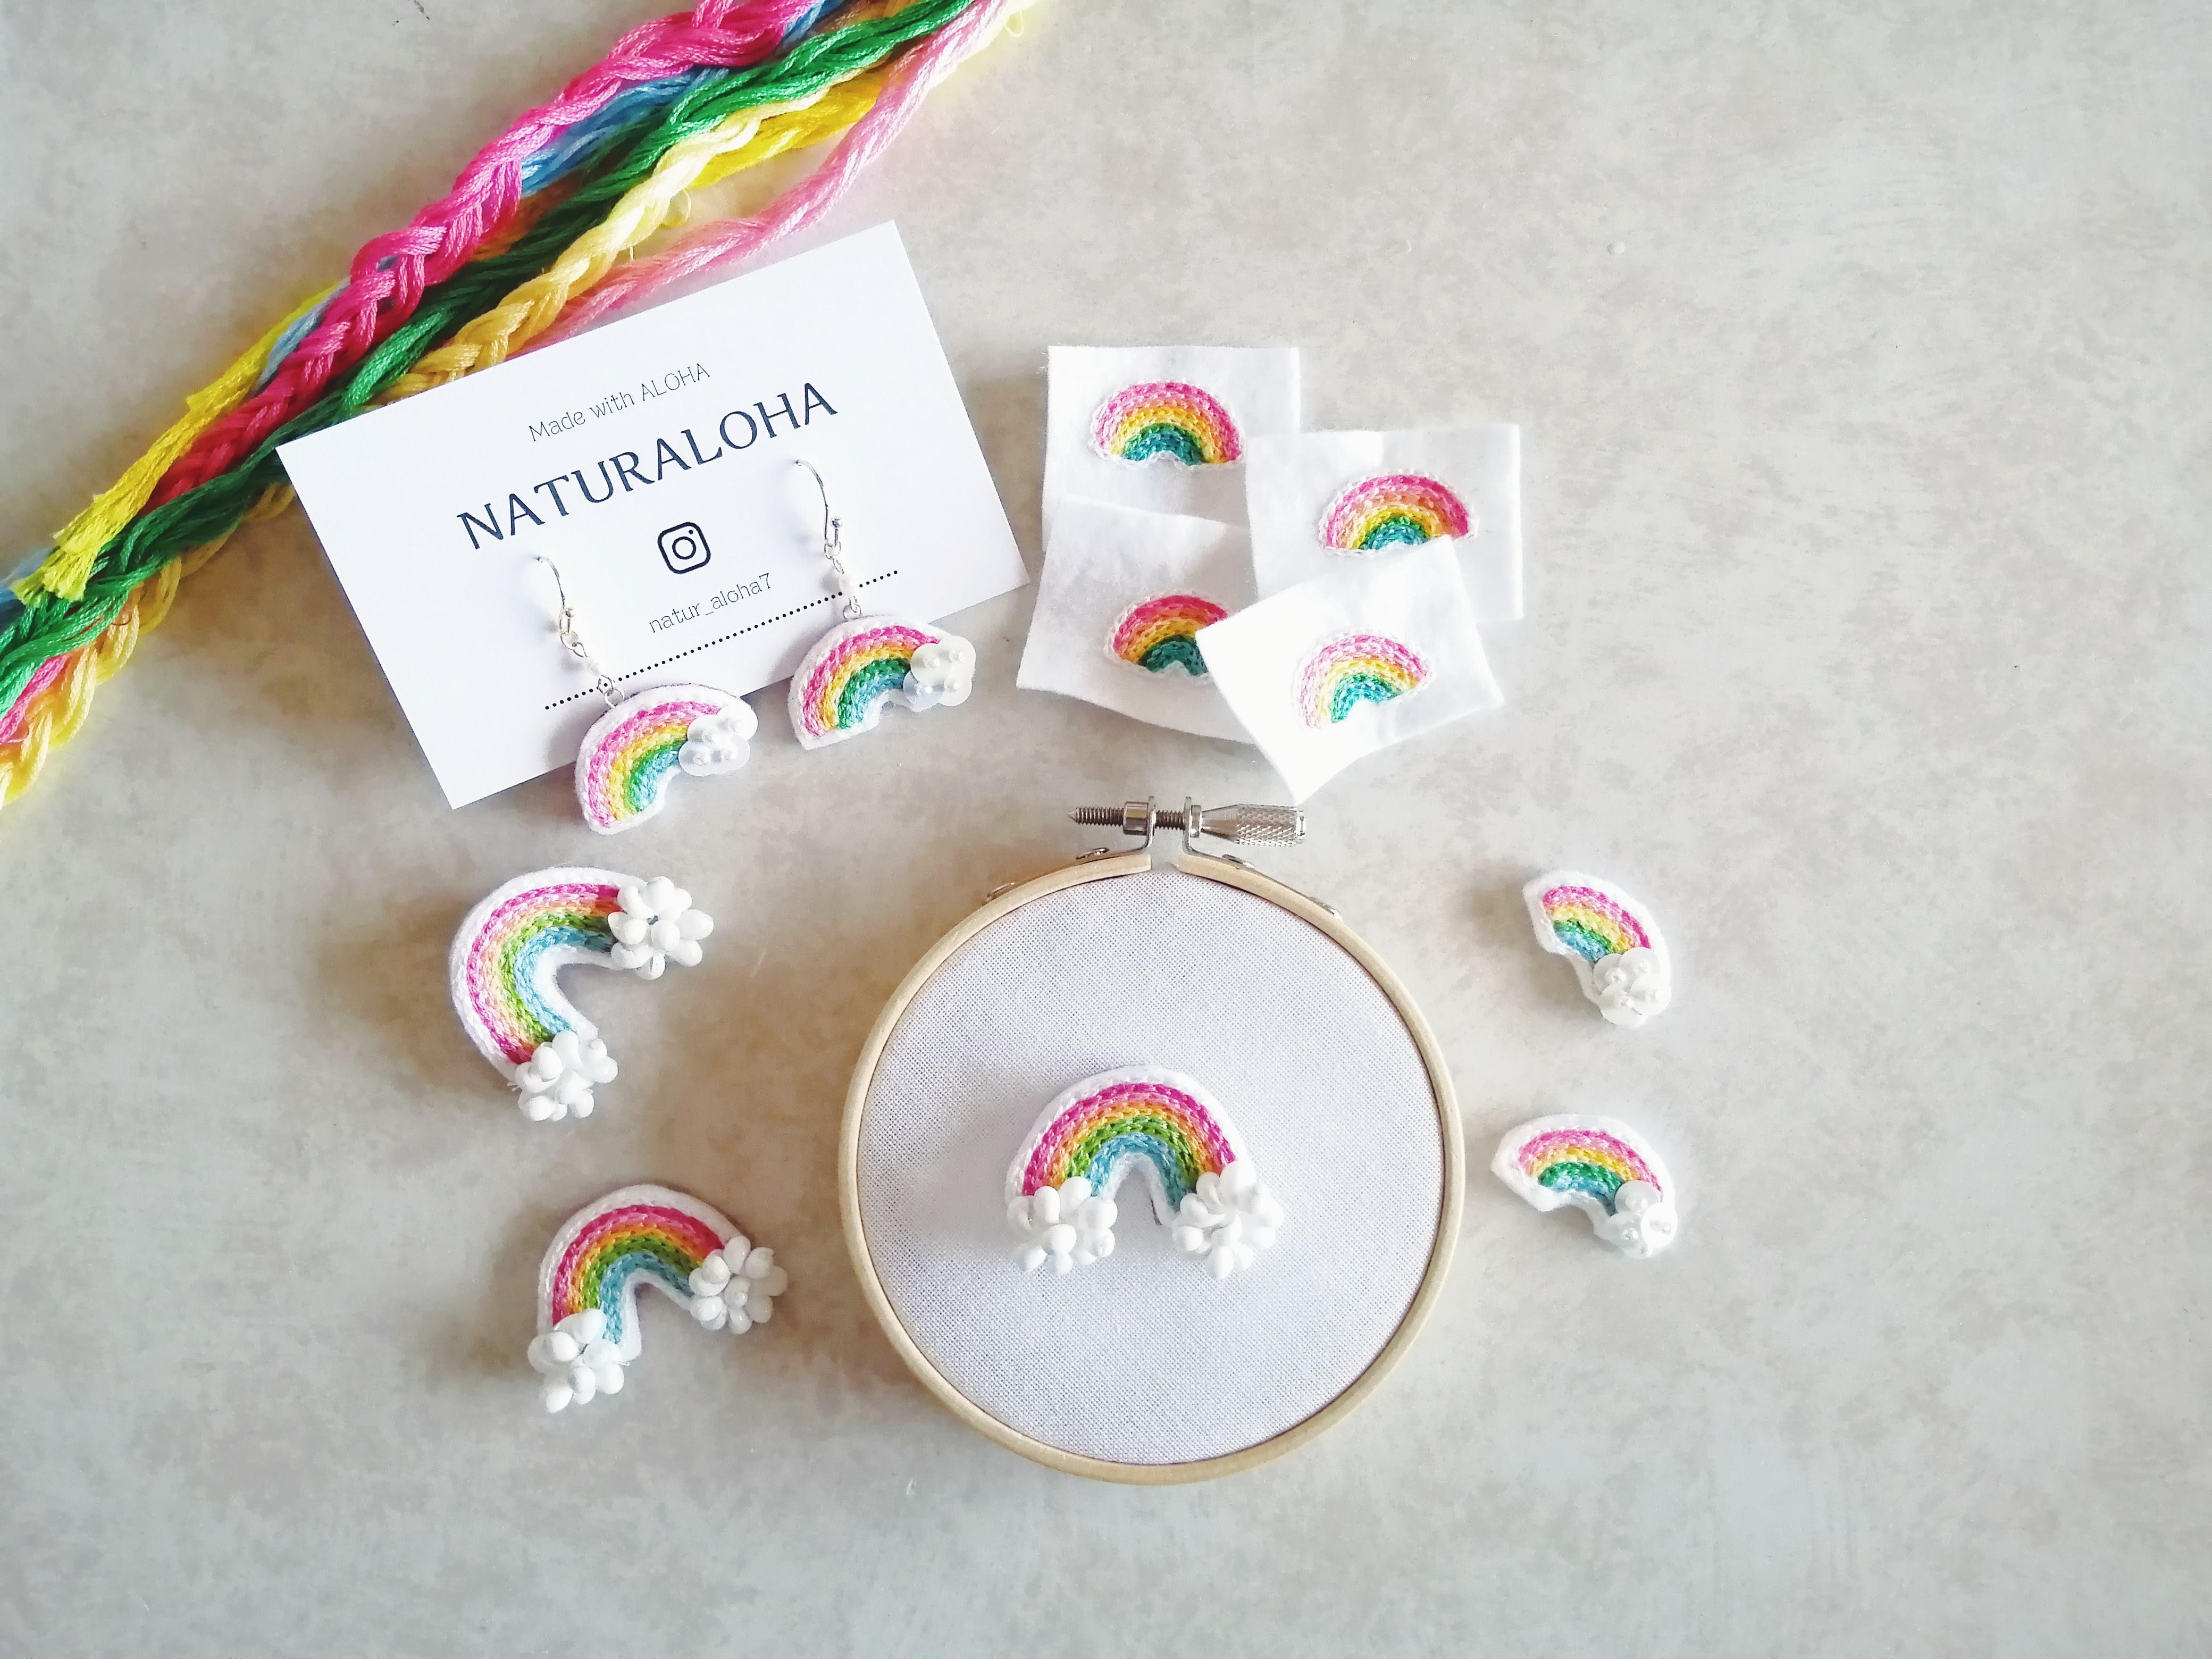 【1月の新作販売会♡】テーマは虹。虹のパーティはじまるよ~